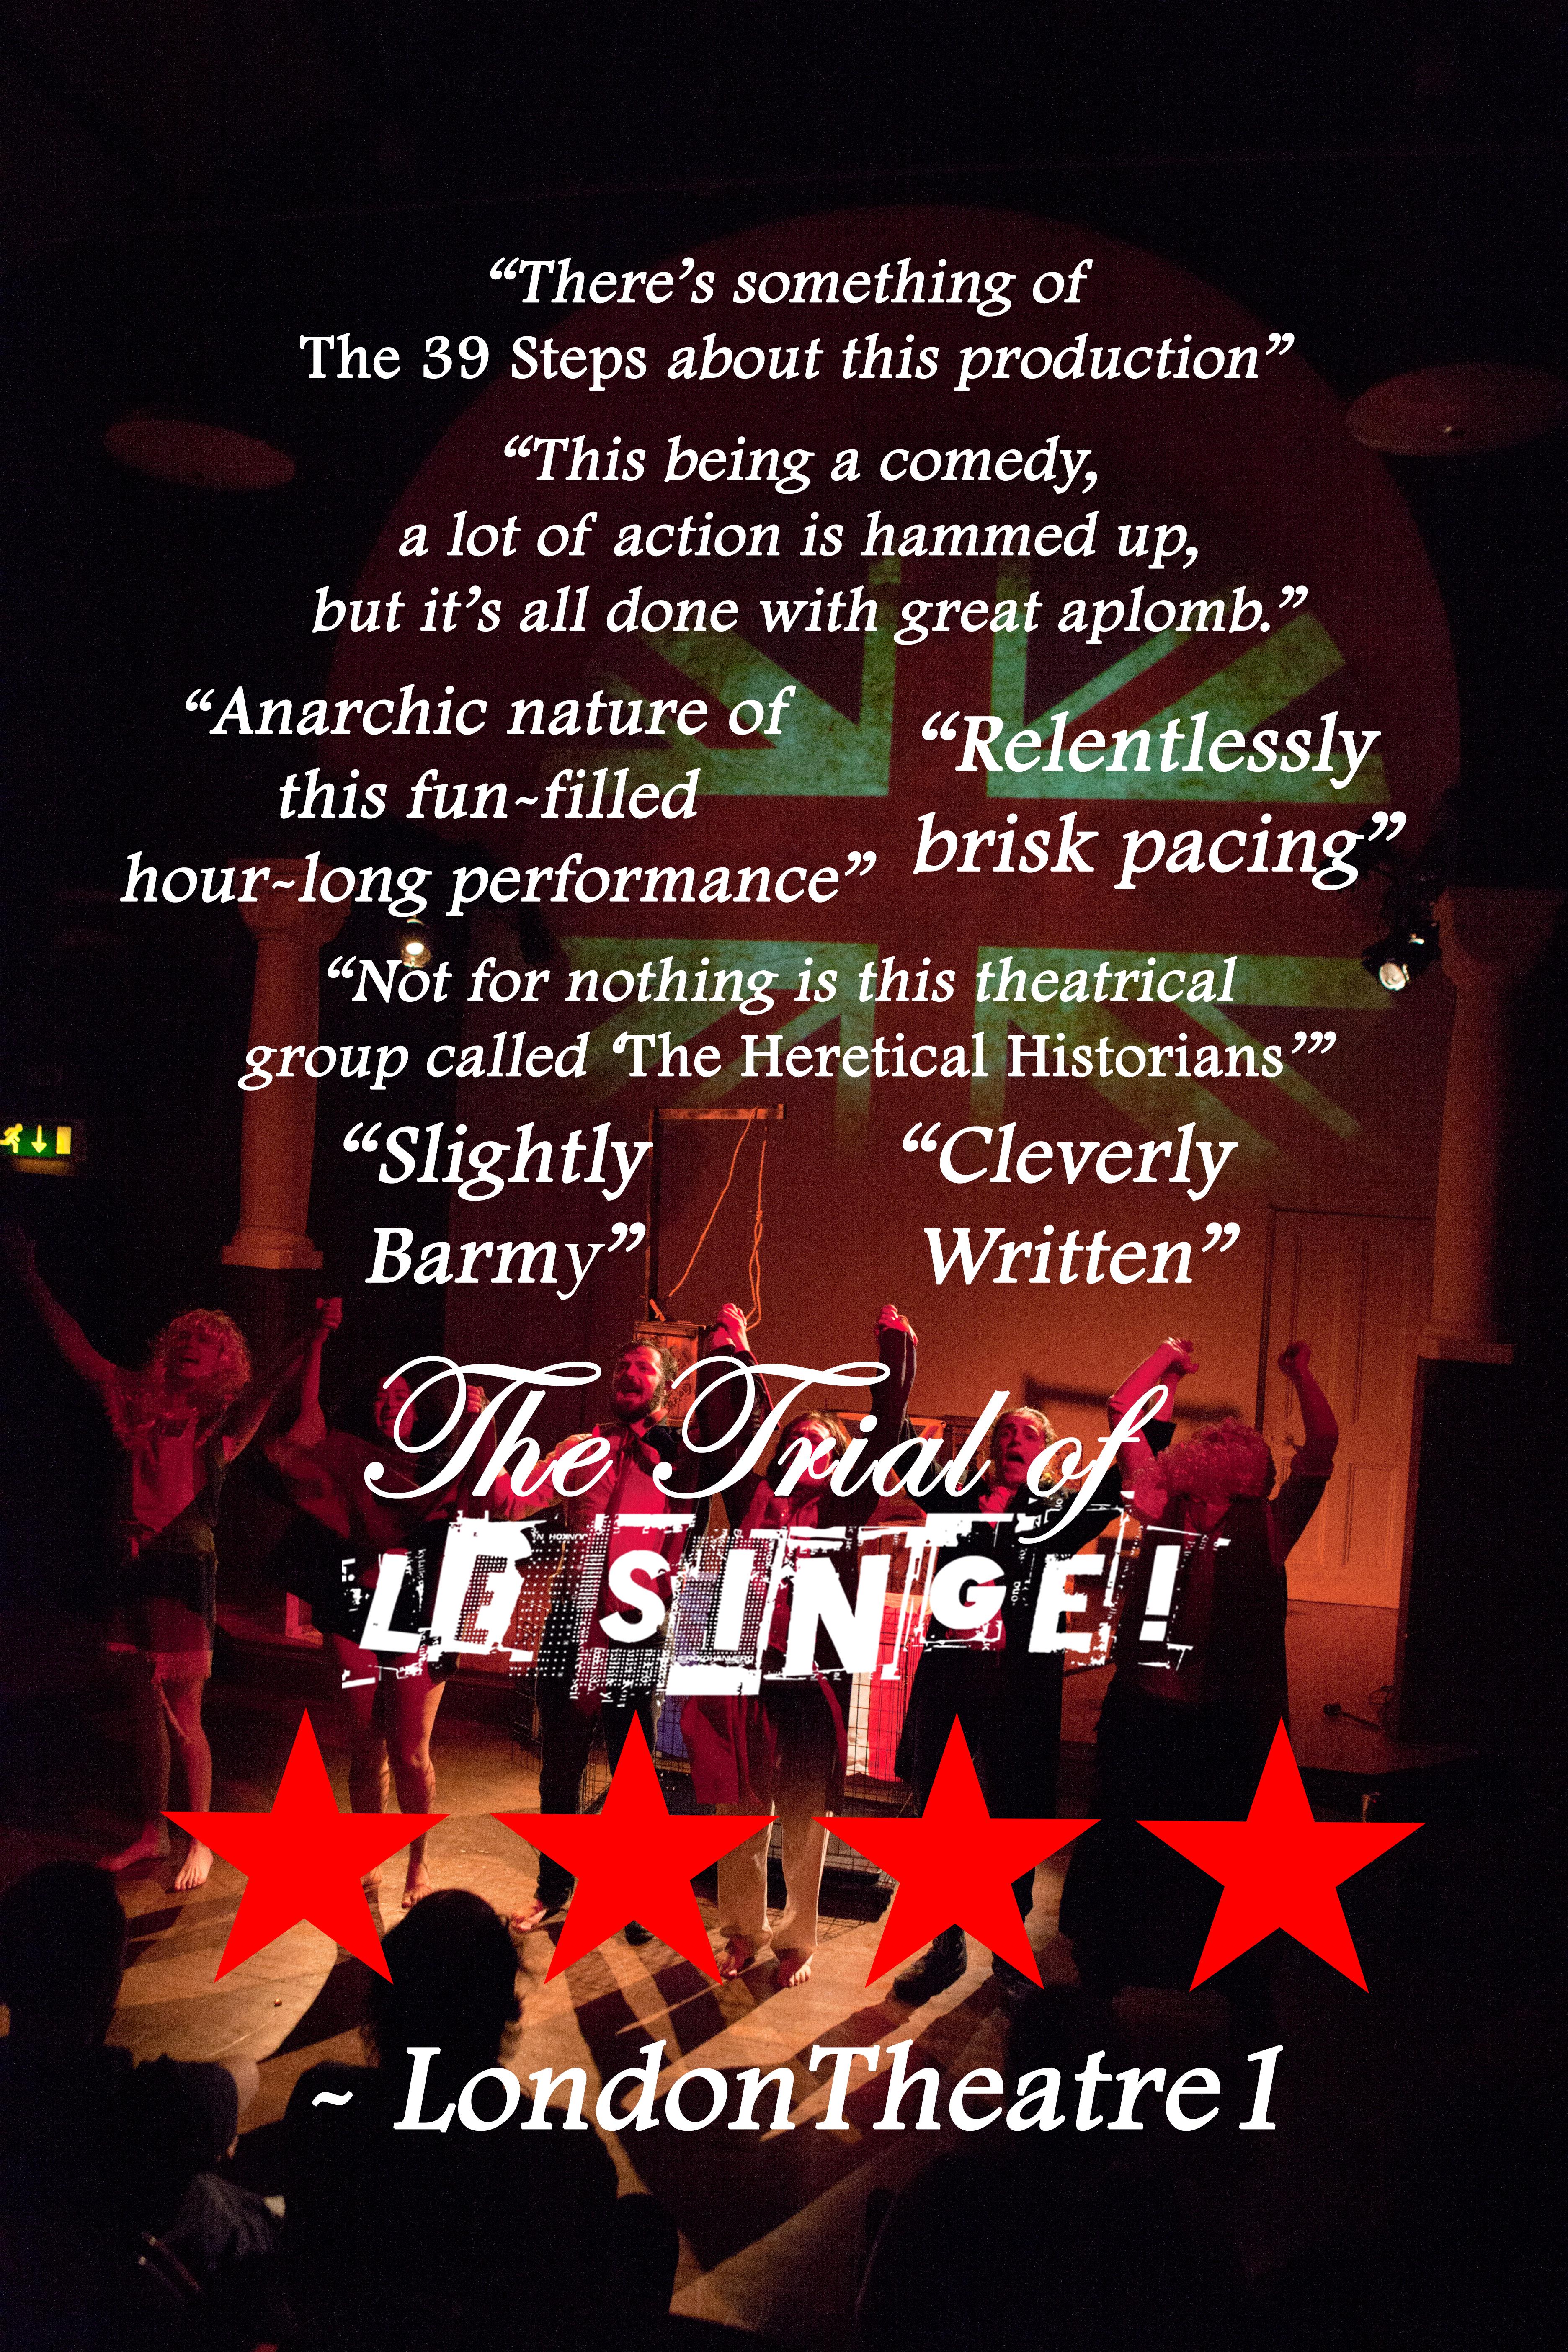 London Theatre 1 - Promo